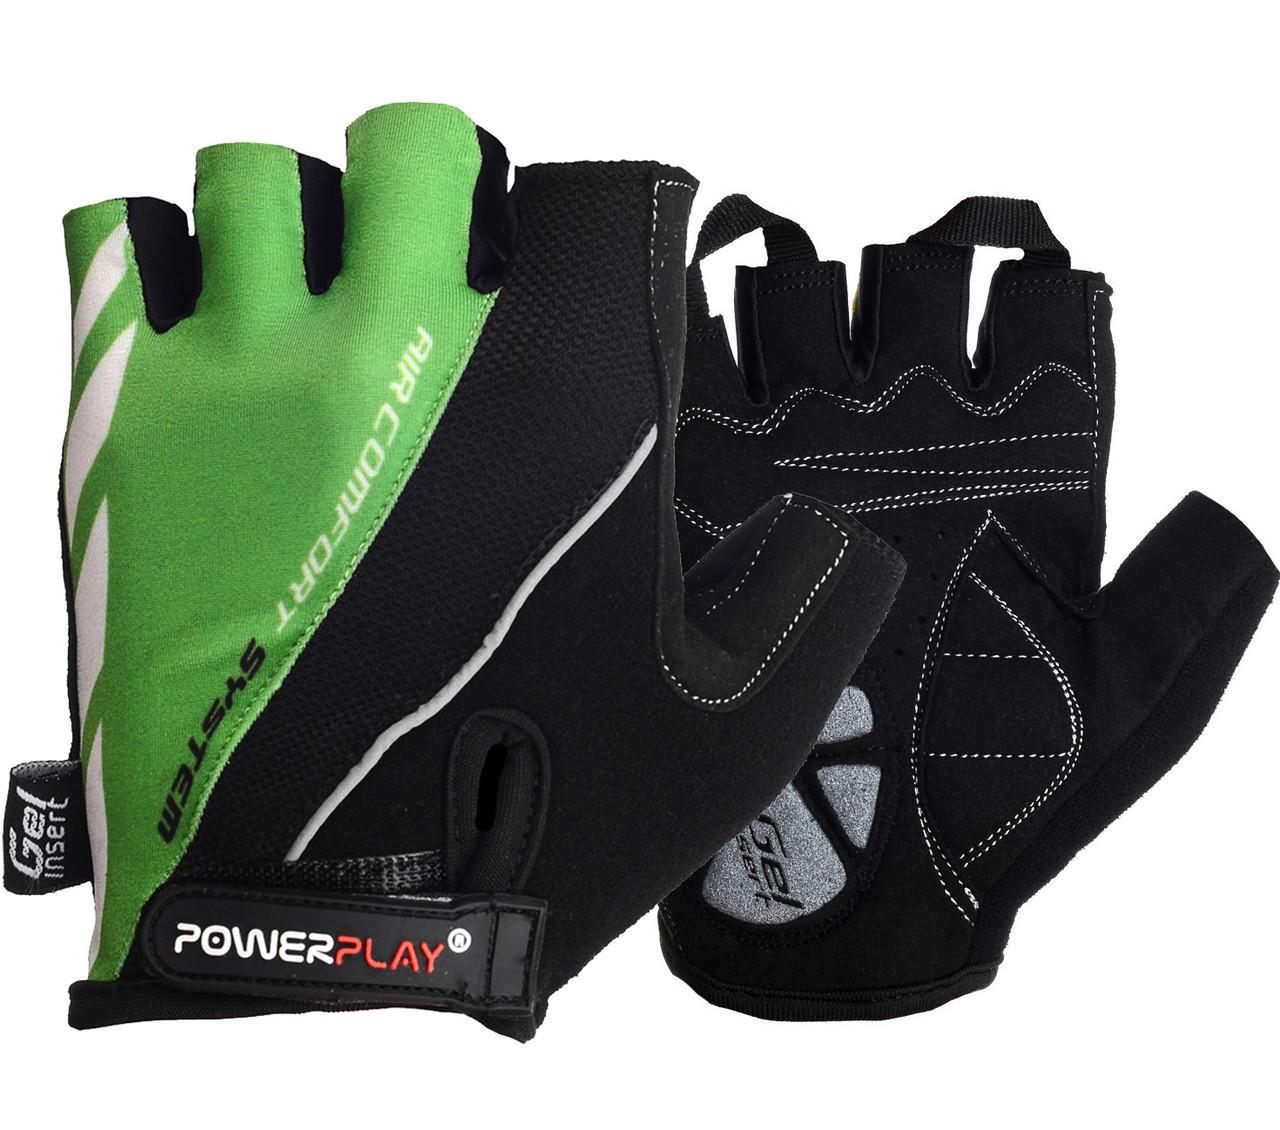 Велорукавички PowerPlay 5024 B Чорно-зелені XL - 144620